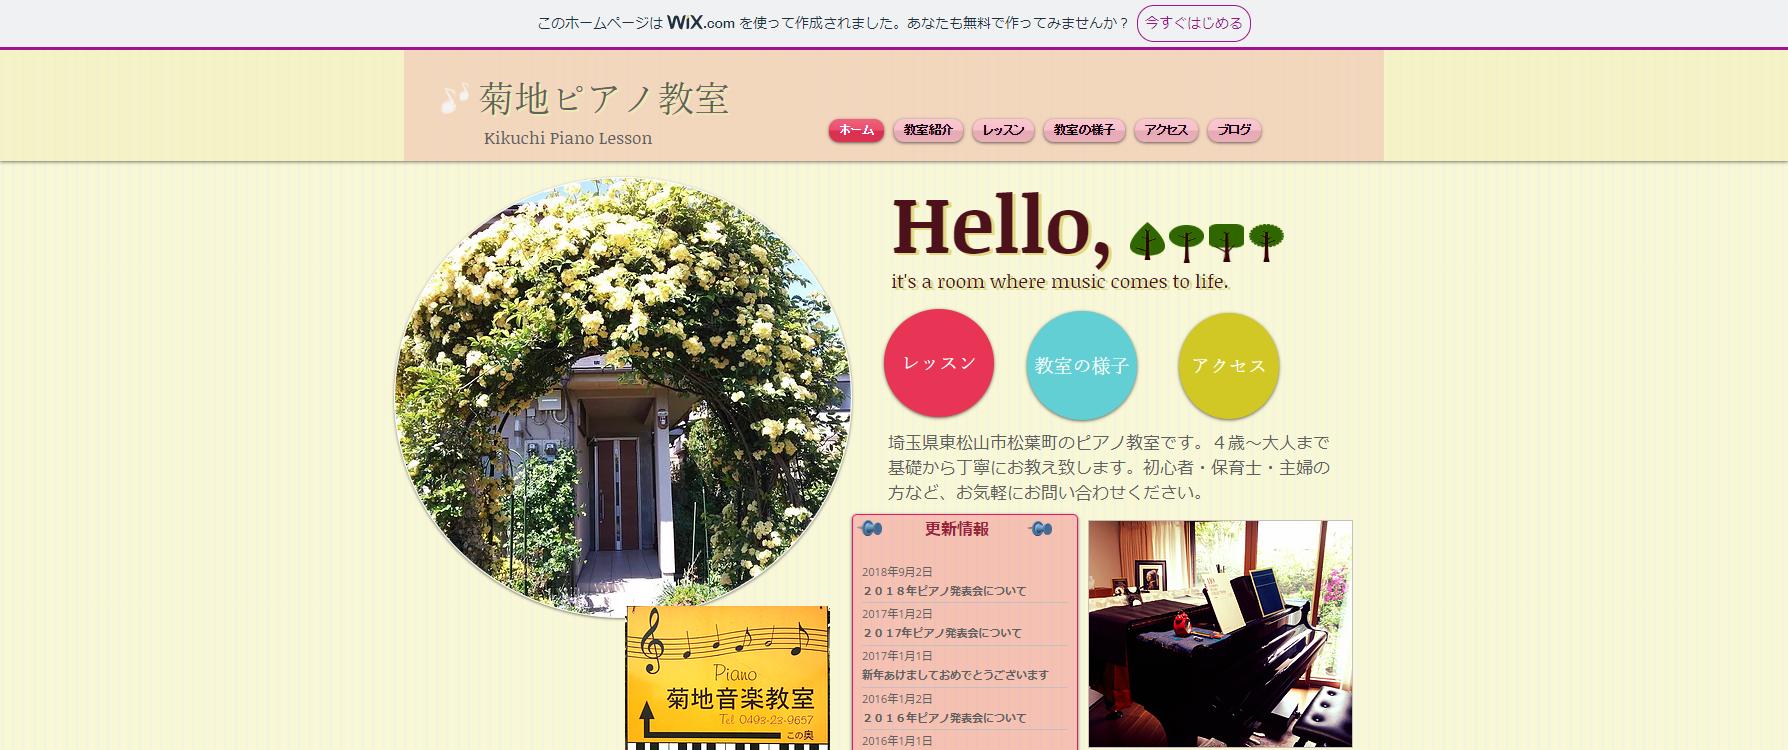 菊地ピアノ教室のサムネイル